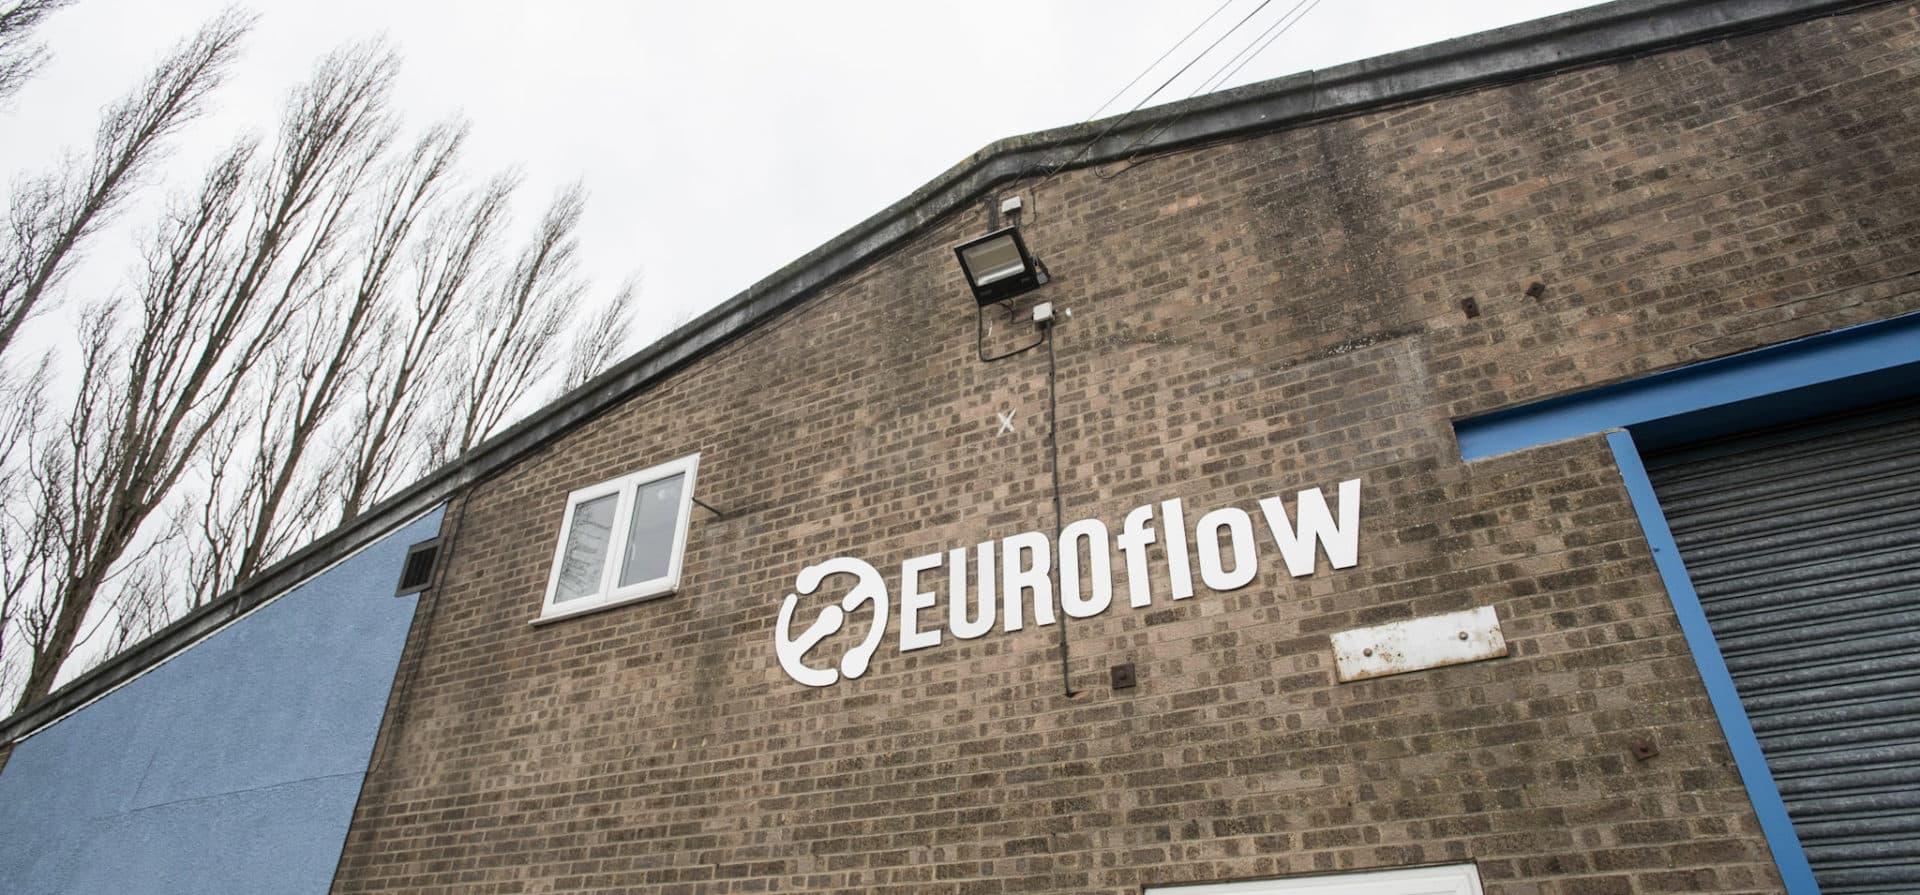 Denesting Equipment - Food Processing & Packaging | Euroflow Engineering